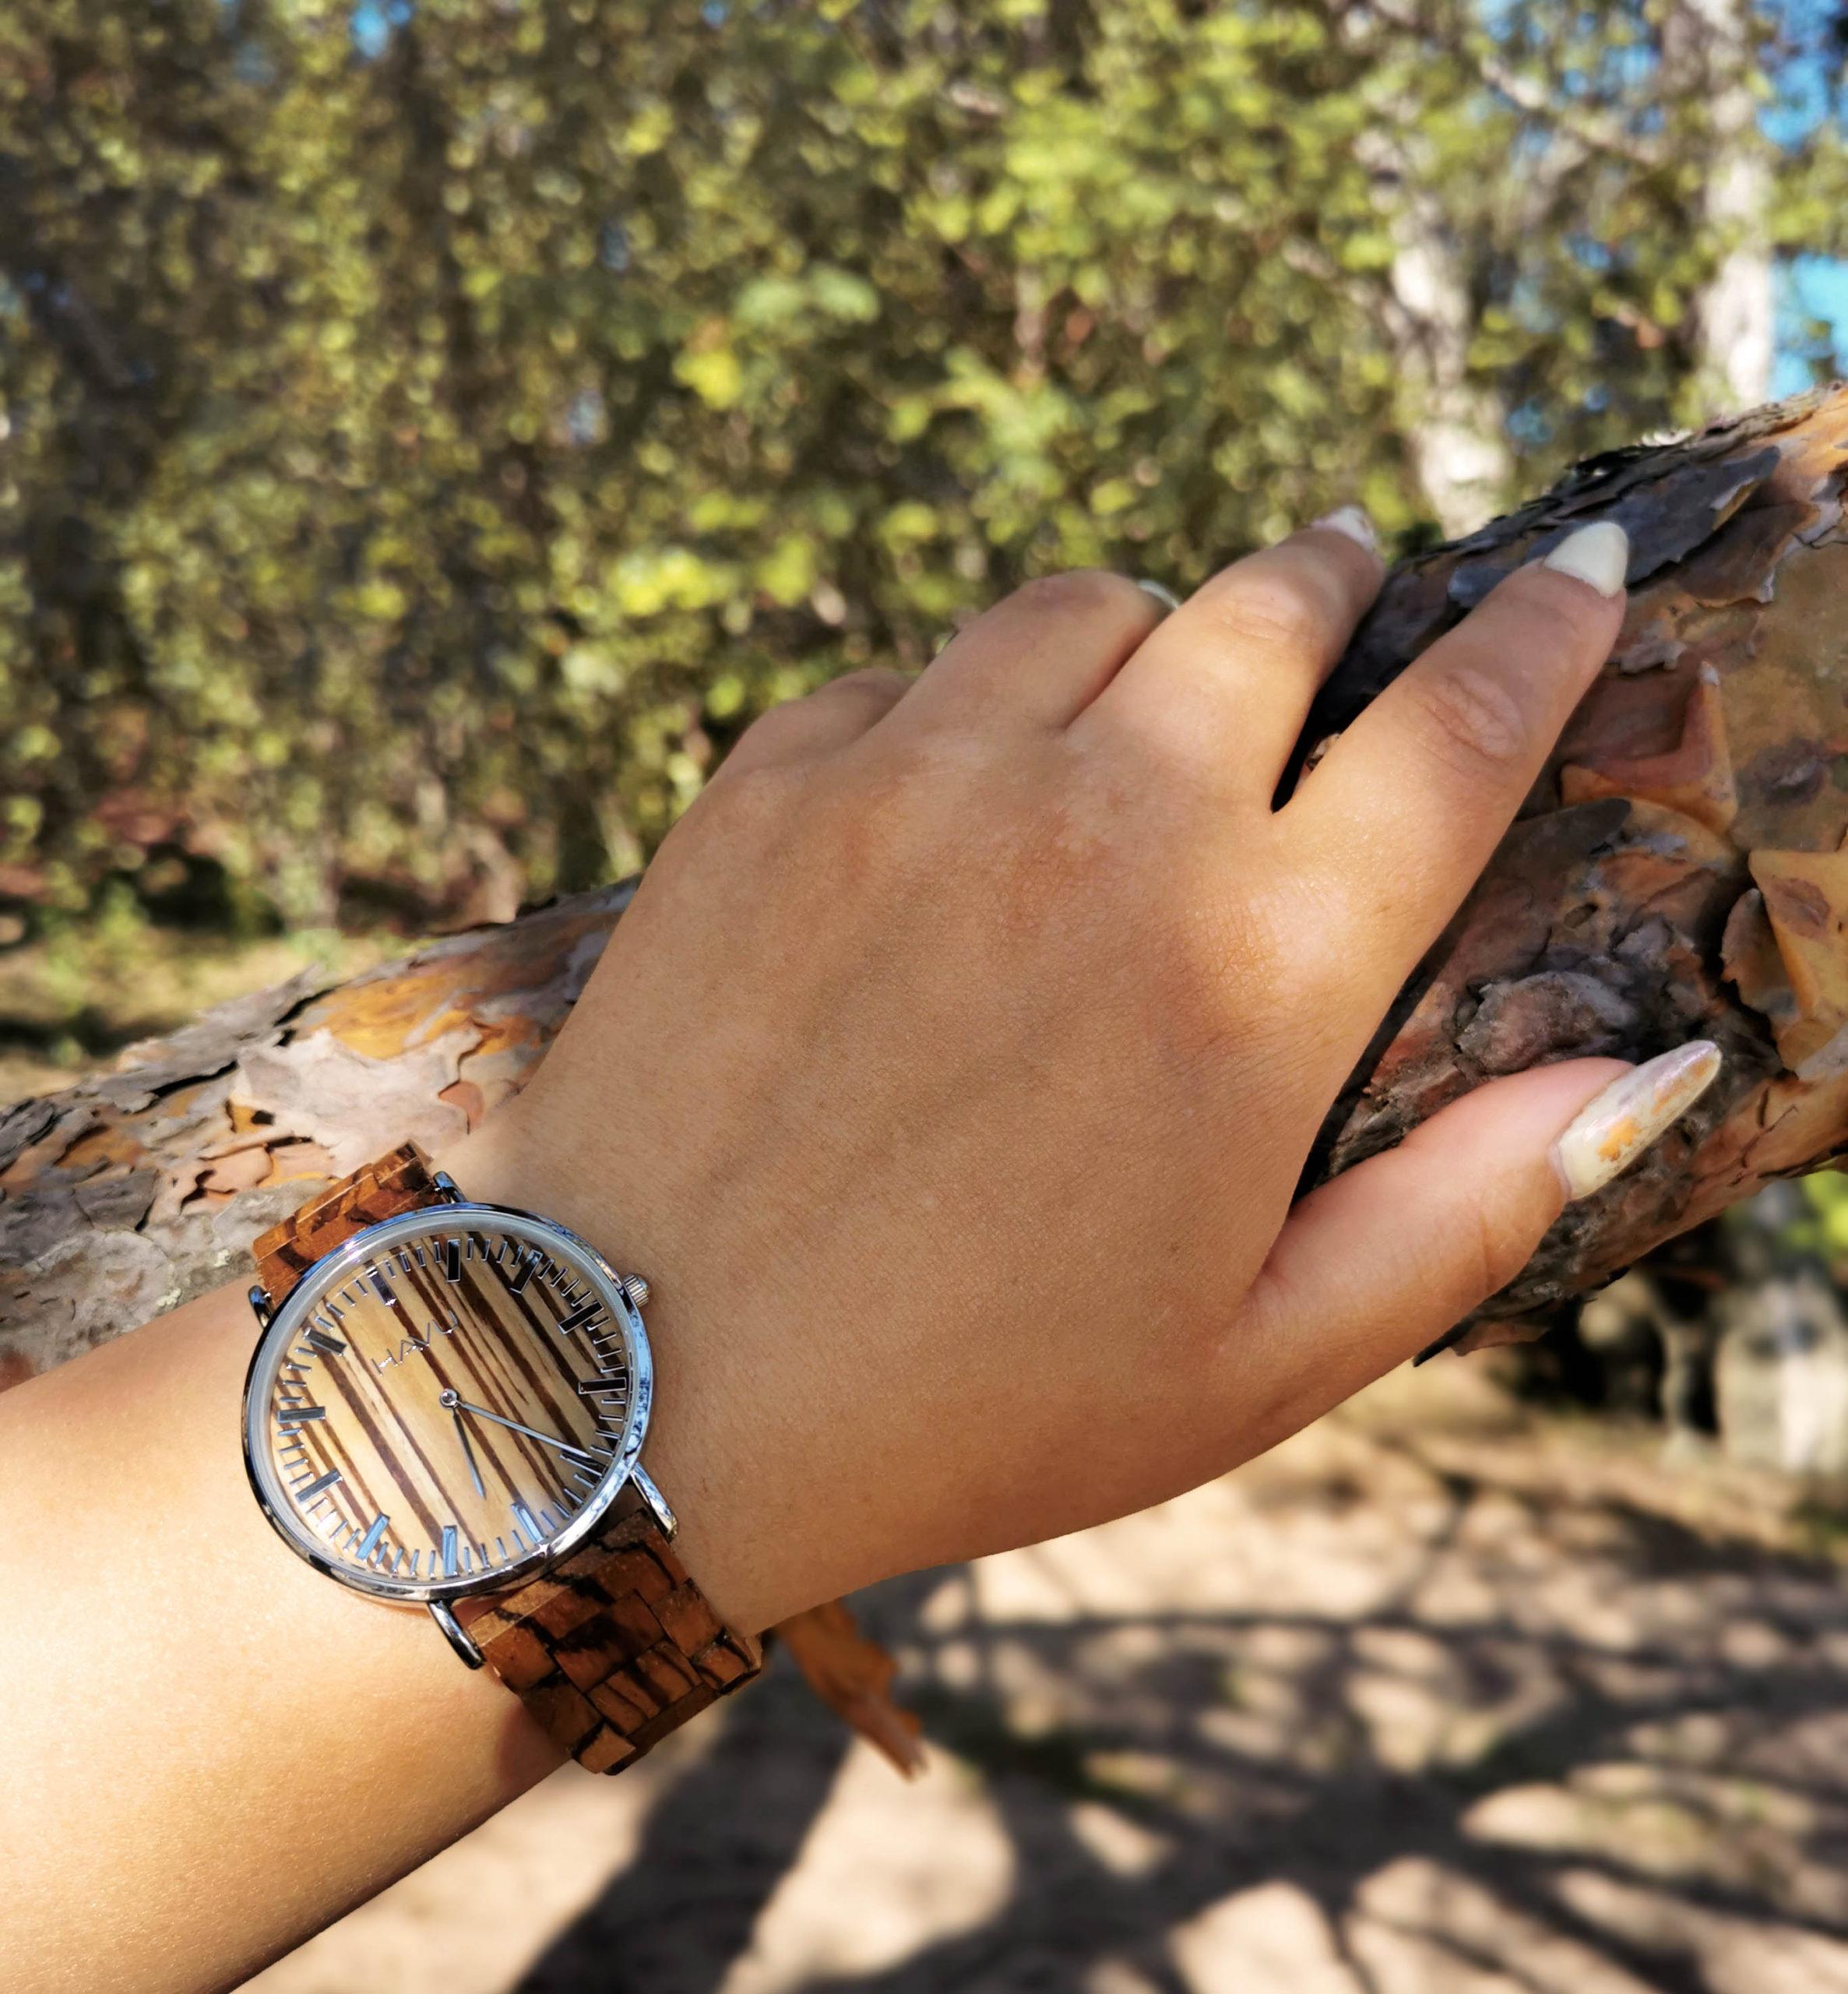 havu watches